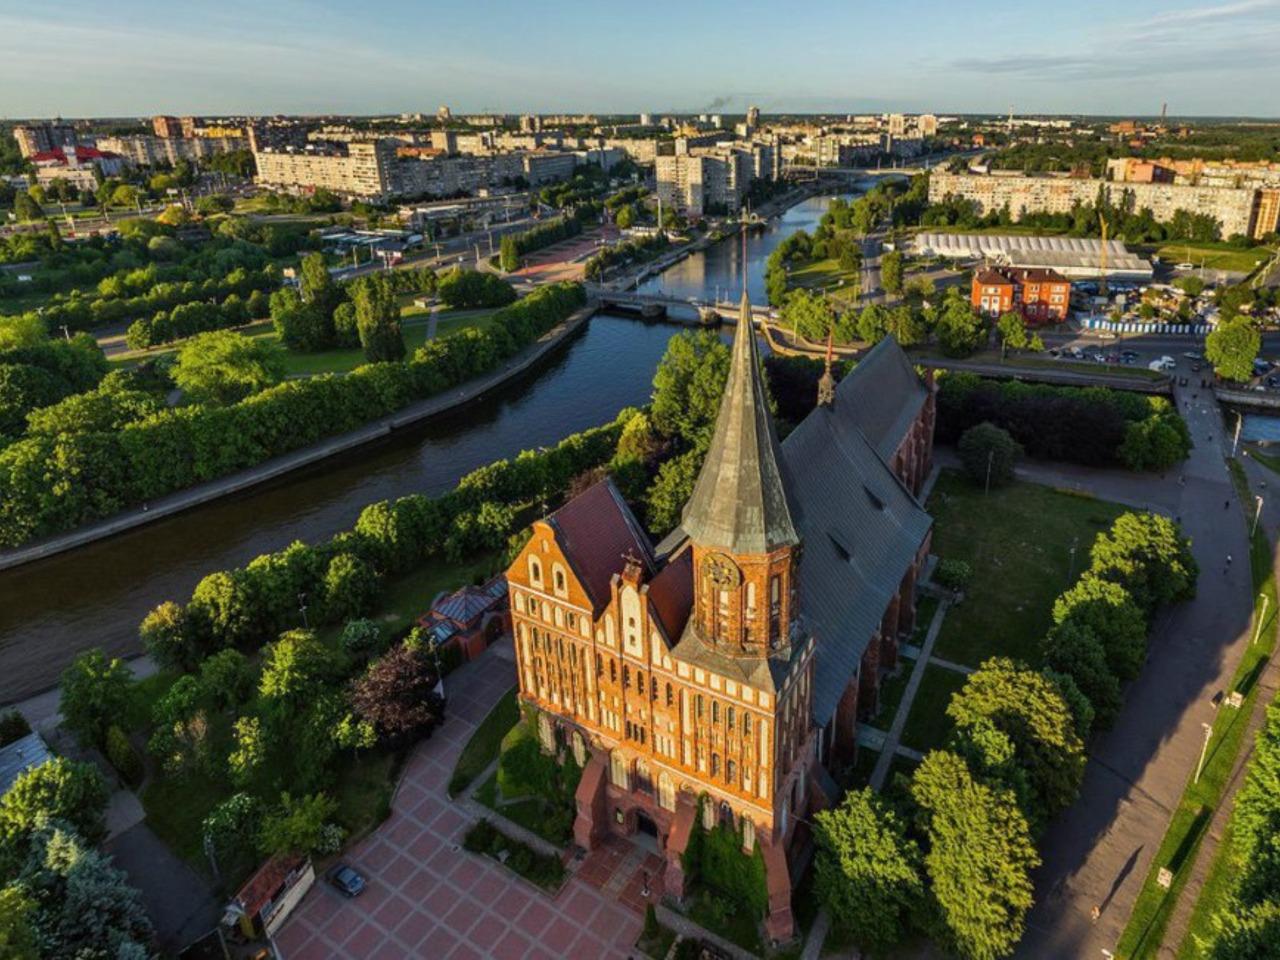 Из Калининграда в Кёнигсберг - индивидуальная экскурсия в Калининграде от опытного гида